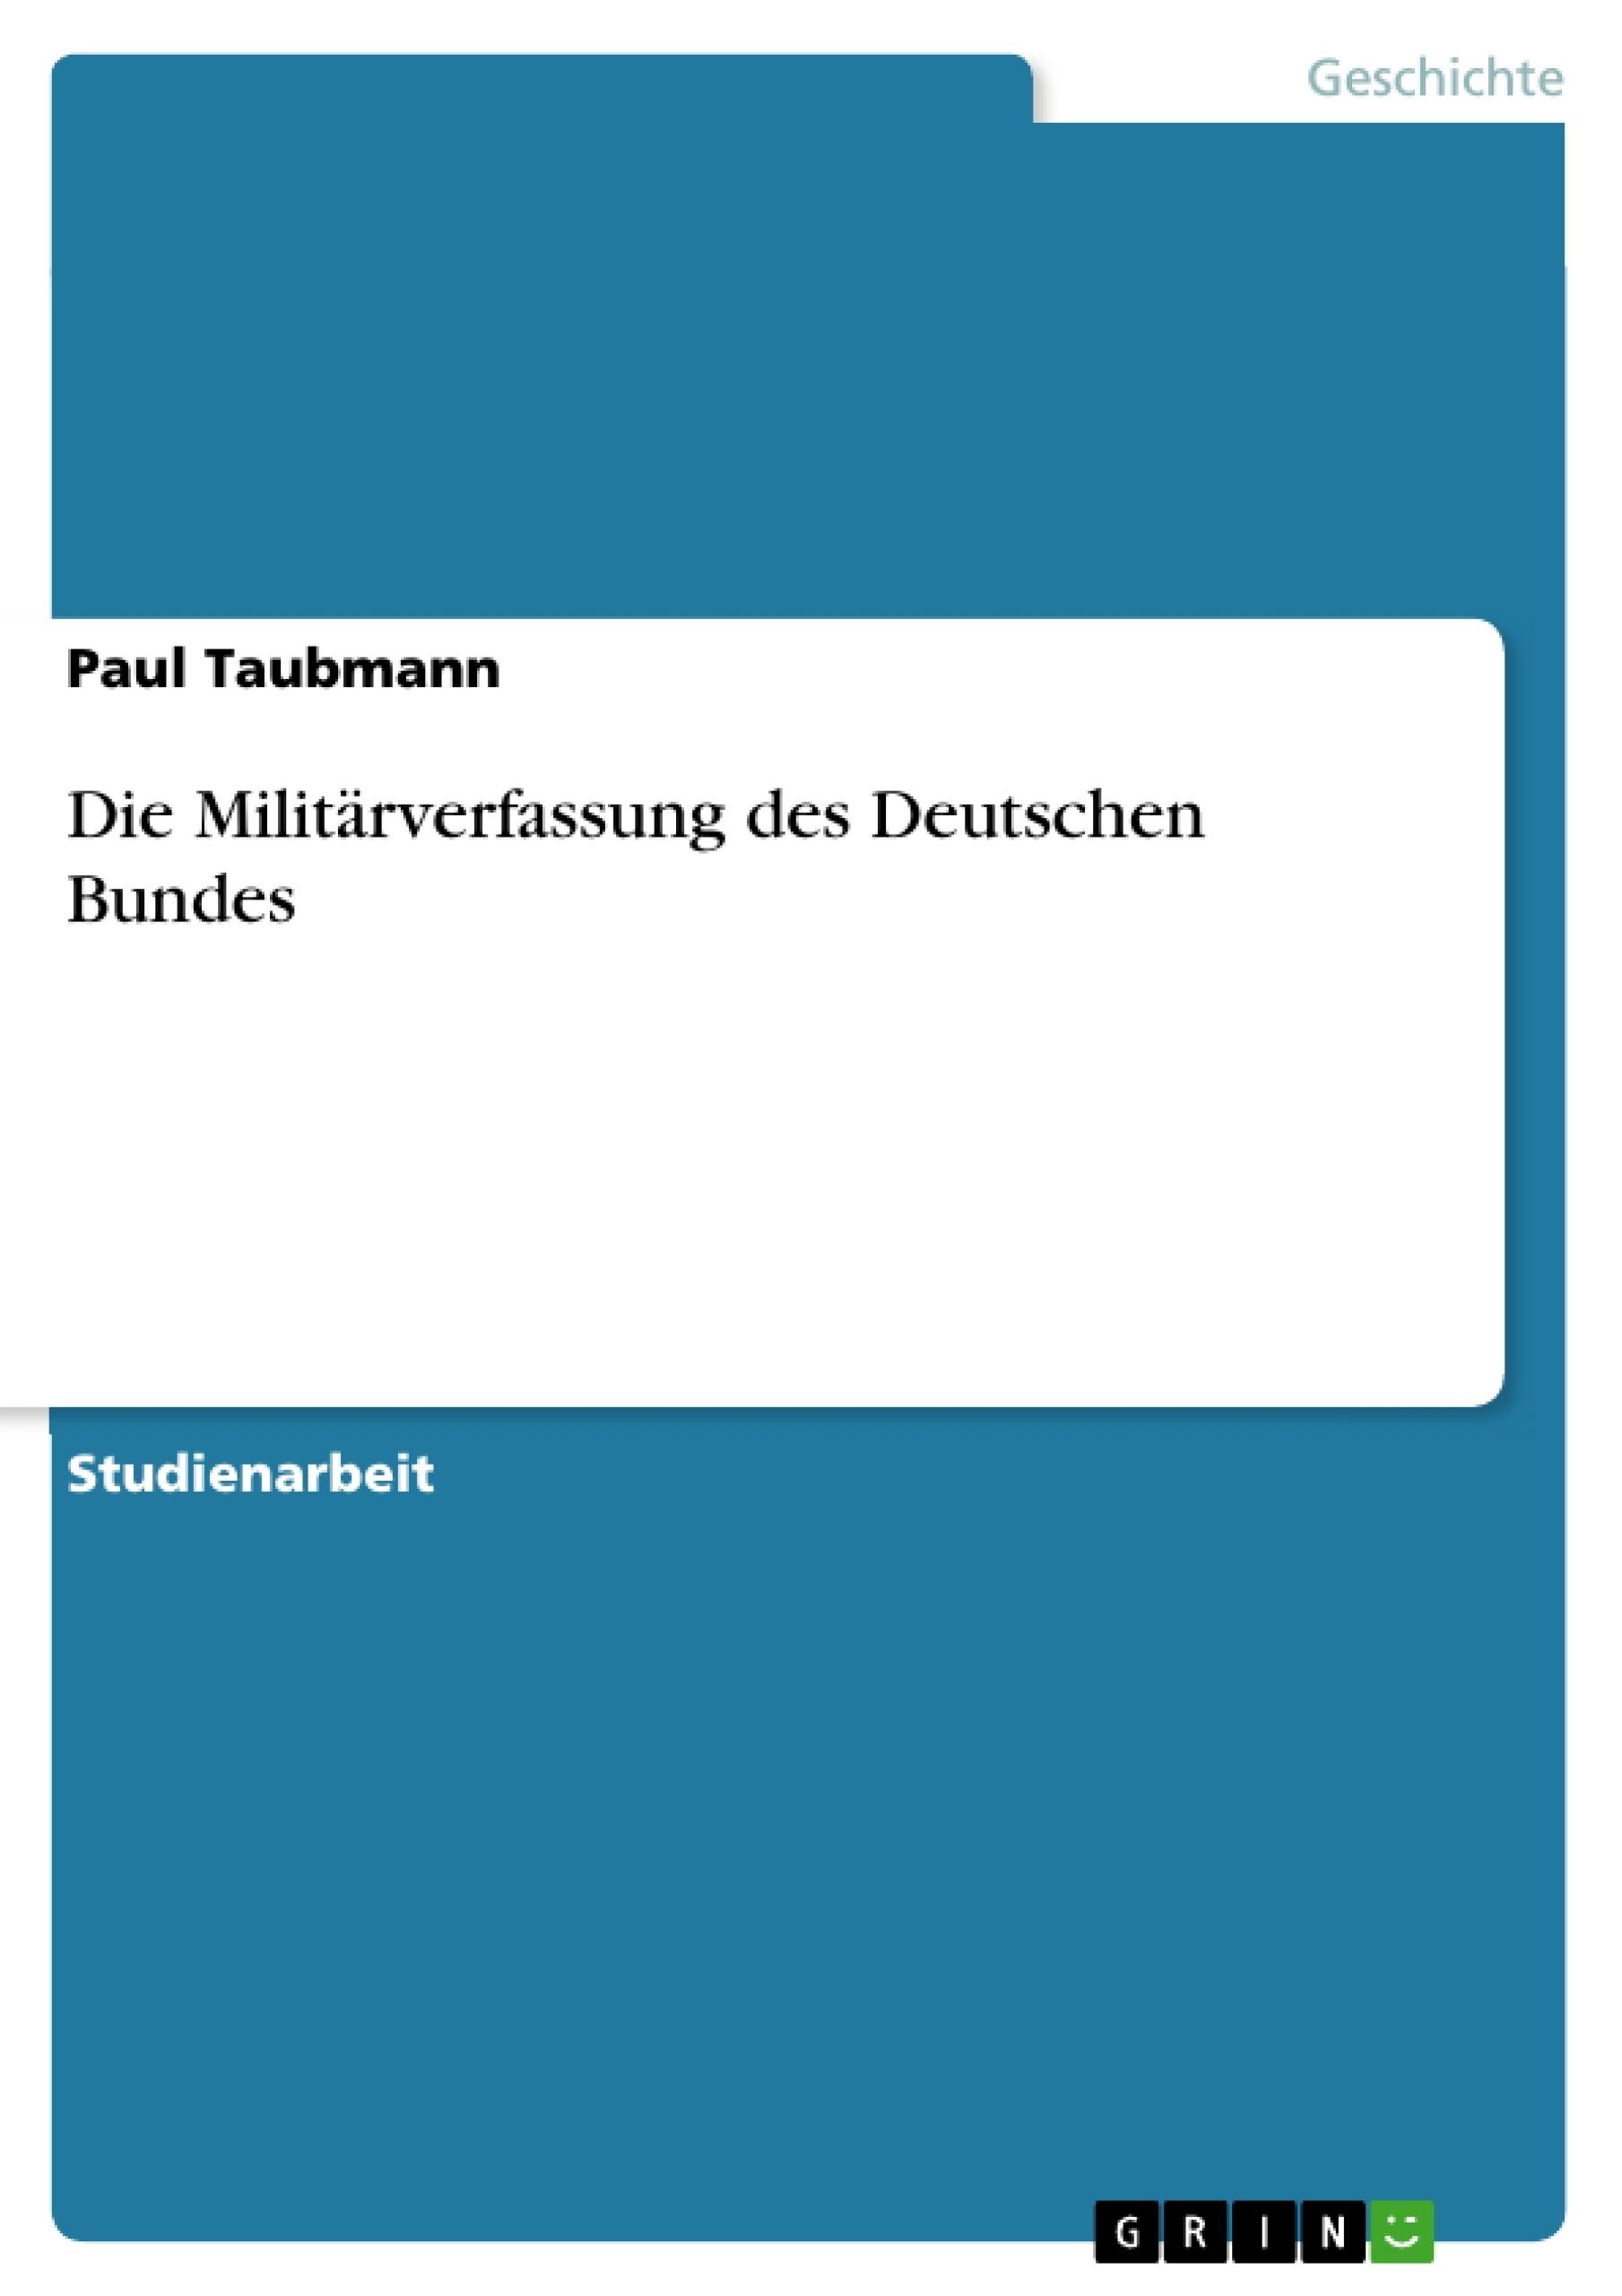 Titel: Die Militärverfassung des Deutschen Bundes